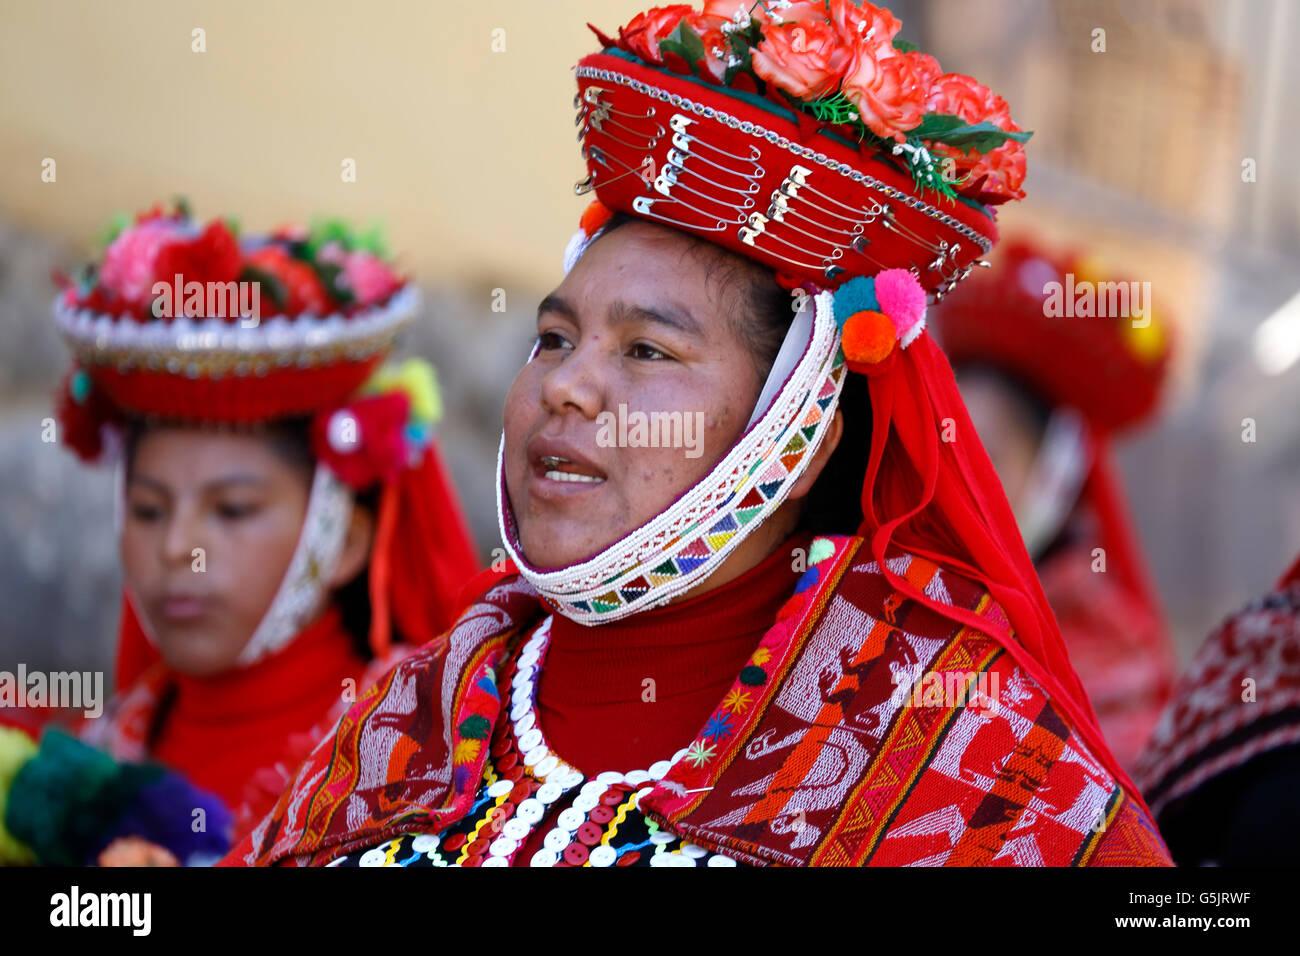 Las mujeres vestidas con trajes coloridos durante la procesión religiosa, Ollantaytambo, Cusco, Perú Imagen De Stock